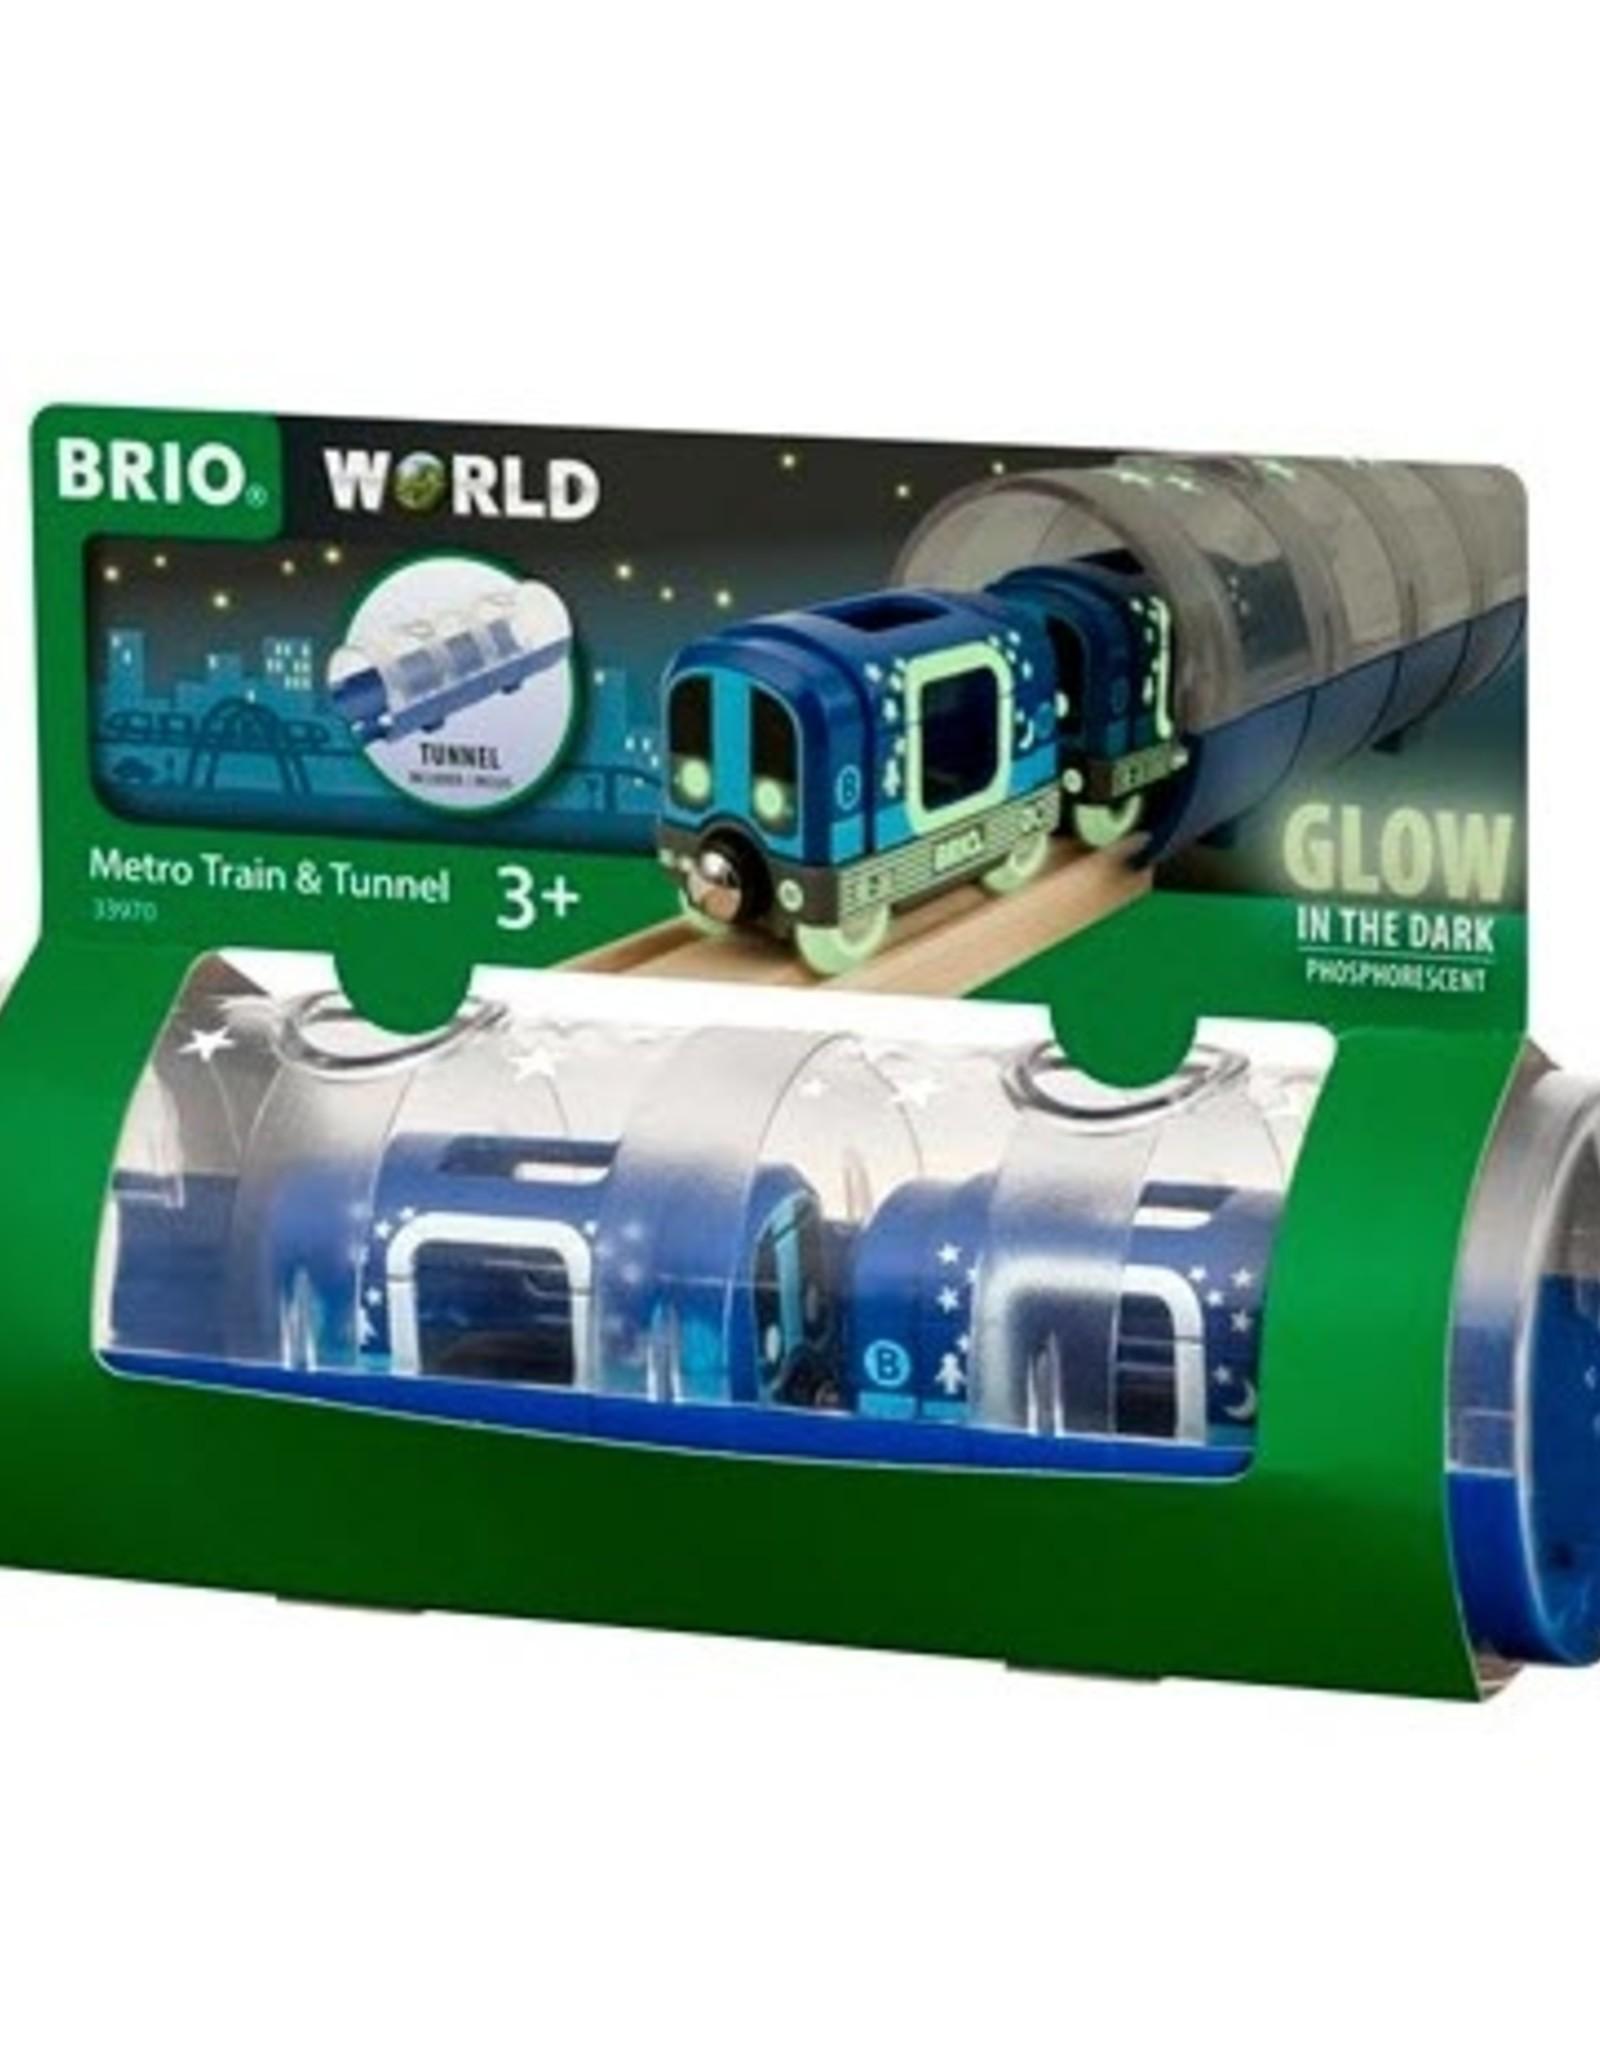 Brio BRIO - Metro Train & Tunnel